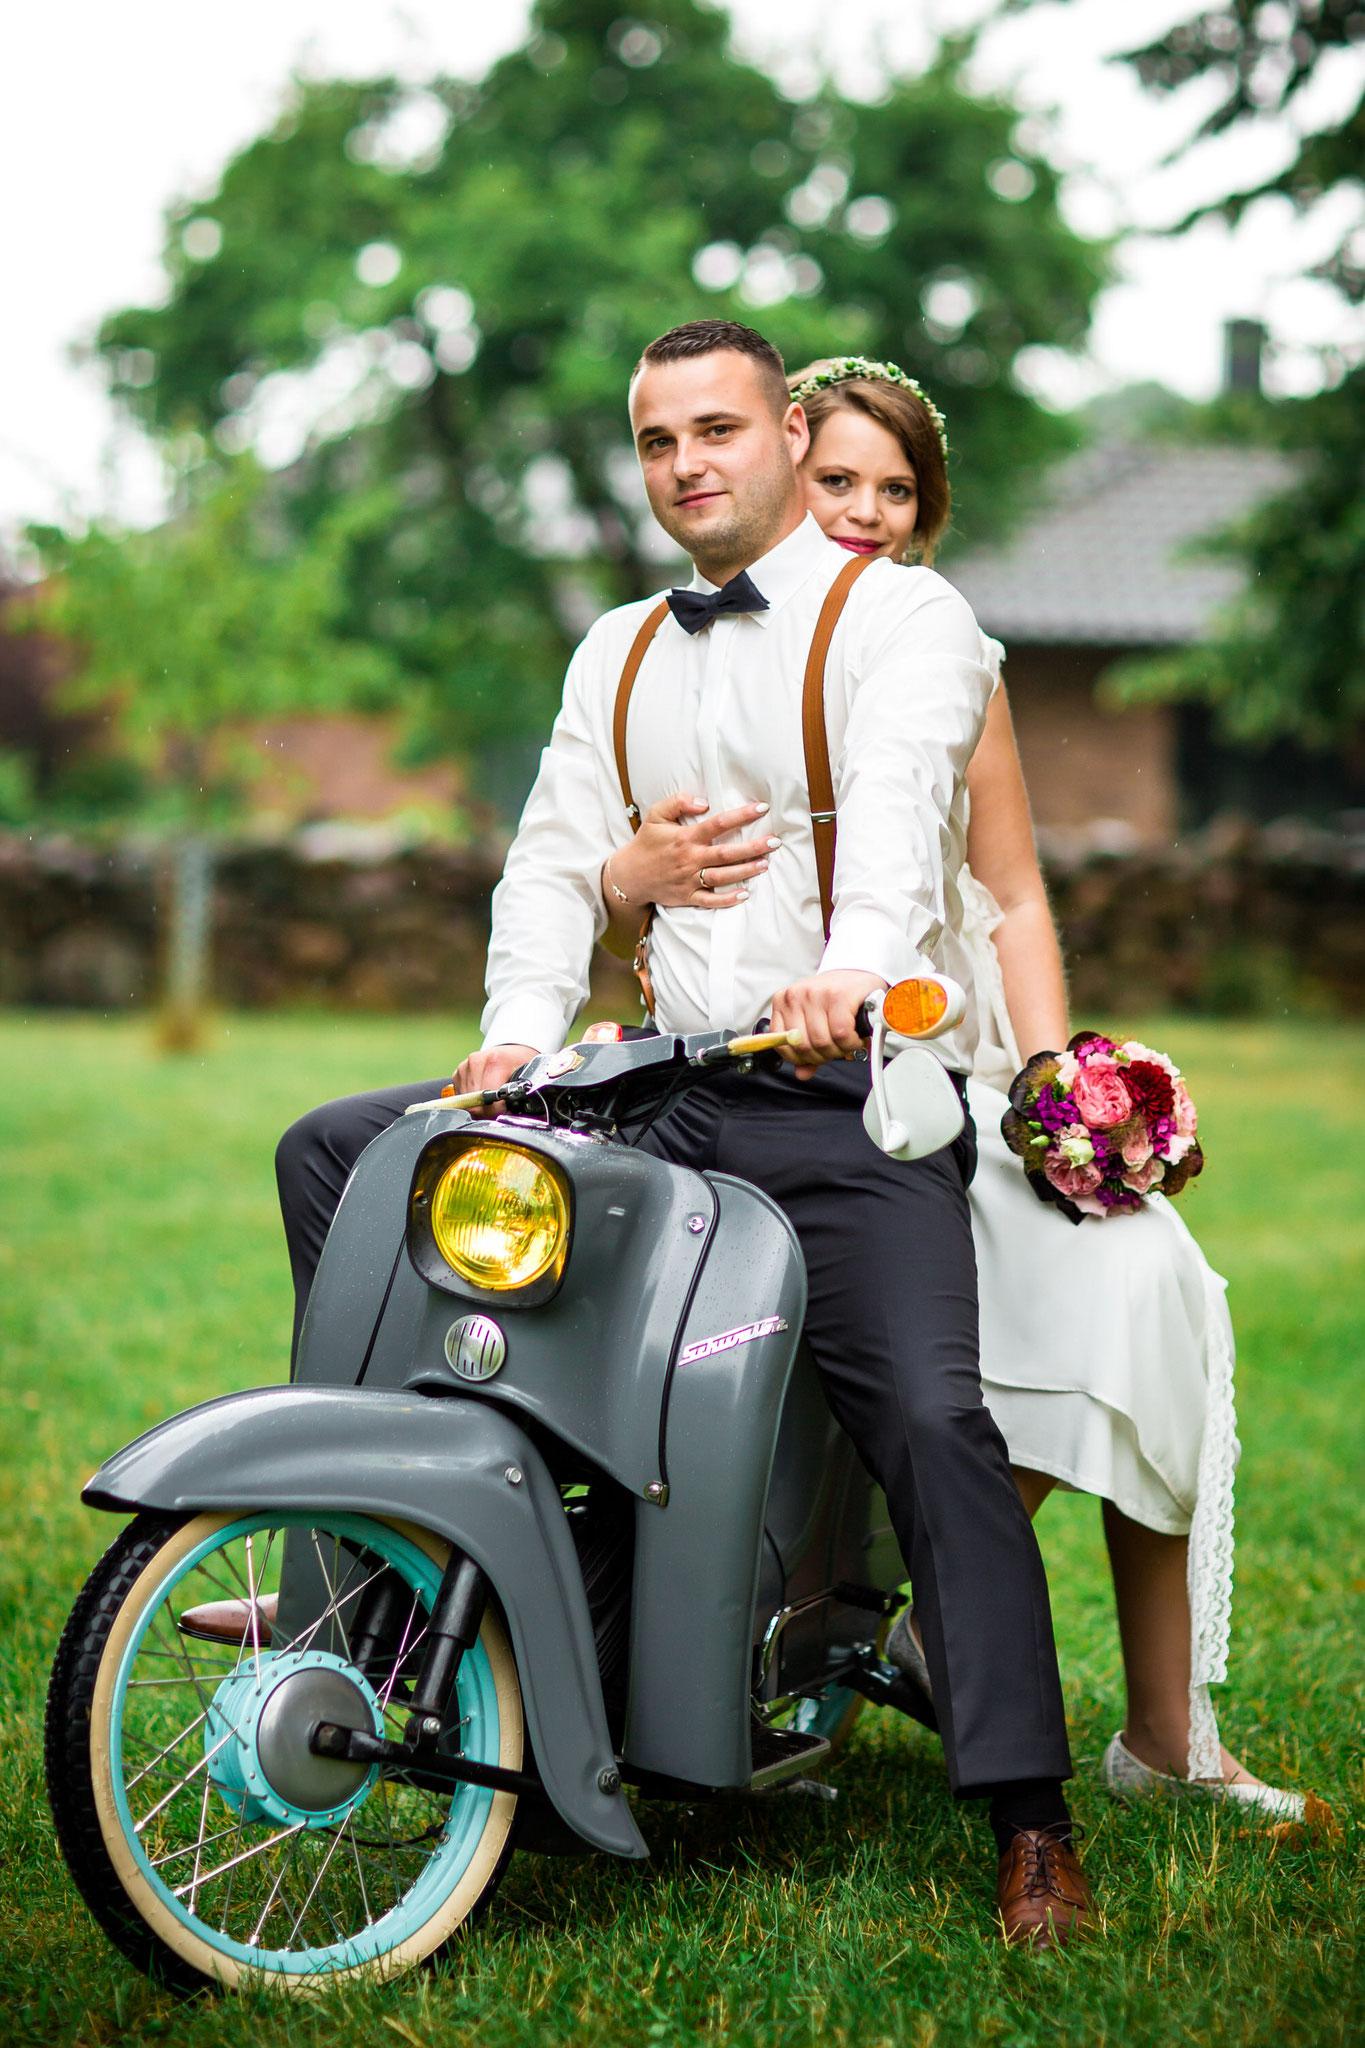 Hochzeit mit der Simson Schwalbe